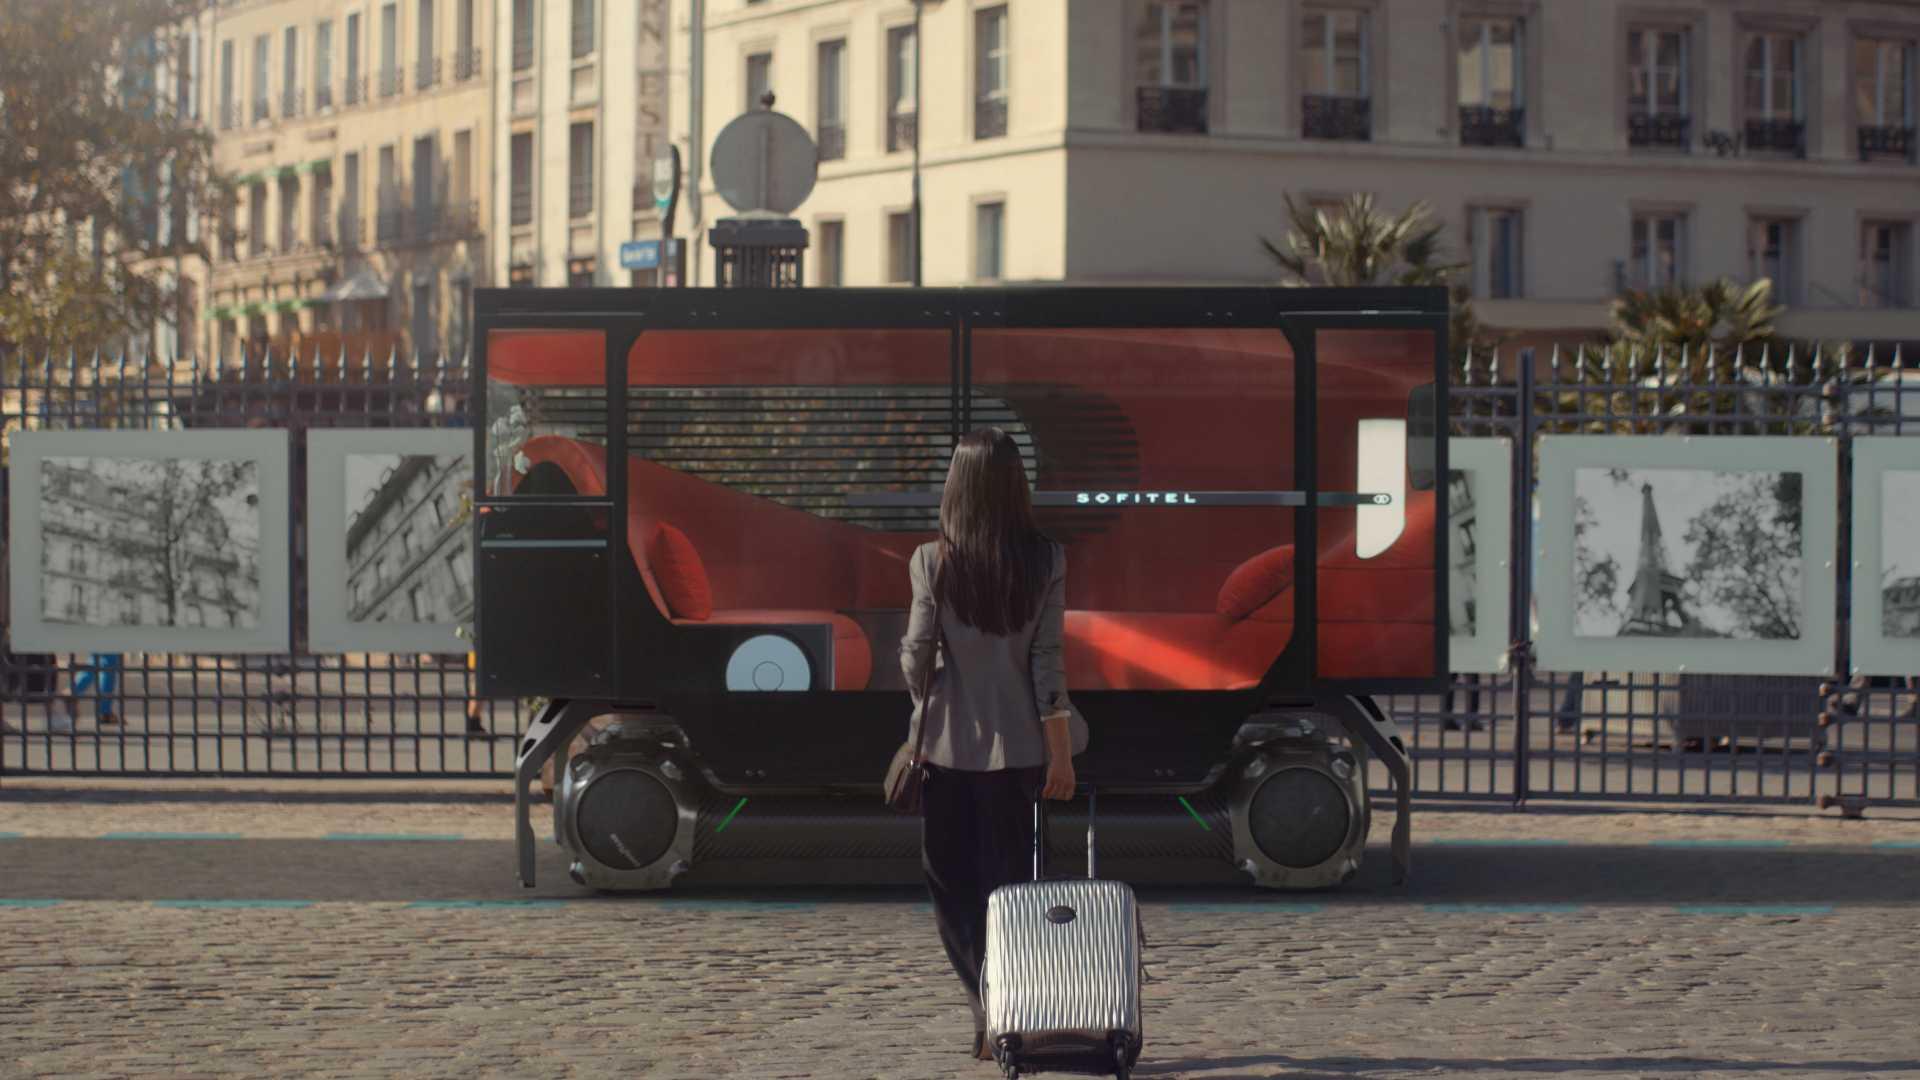 Citroen представила концепцию беспилотной транспортной платформы Skate